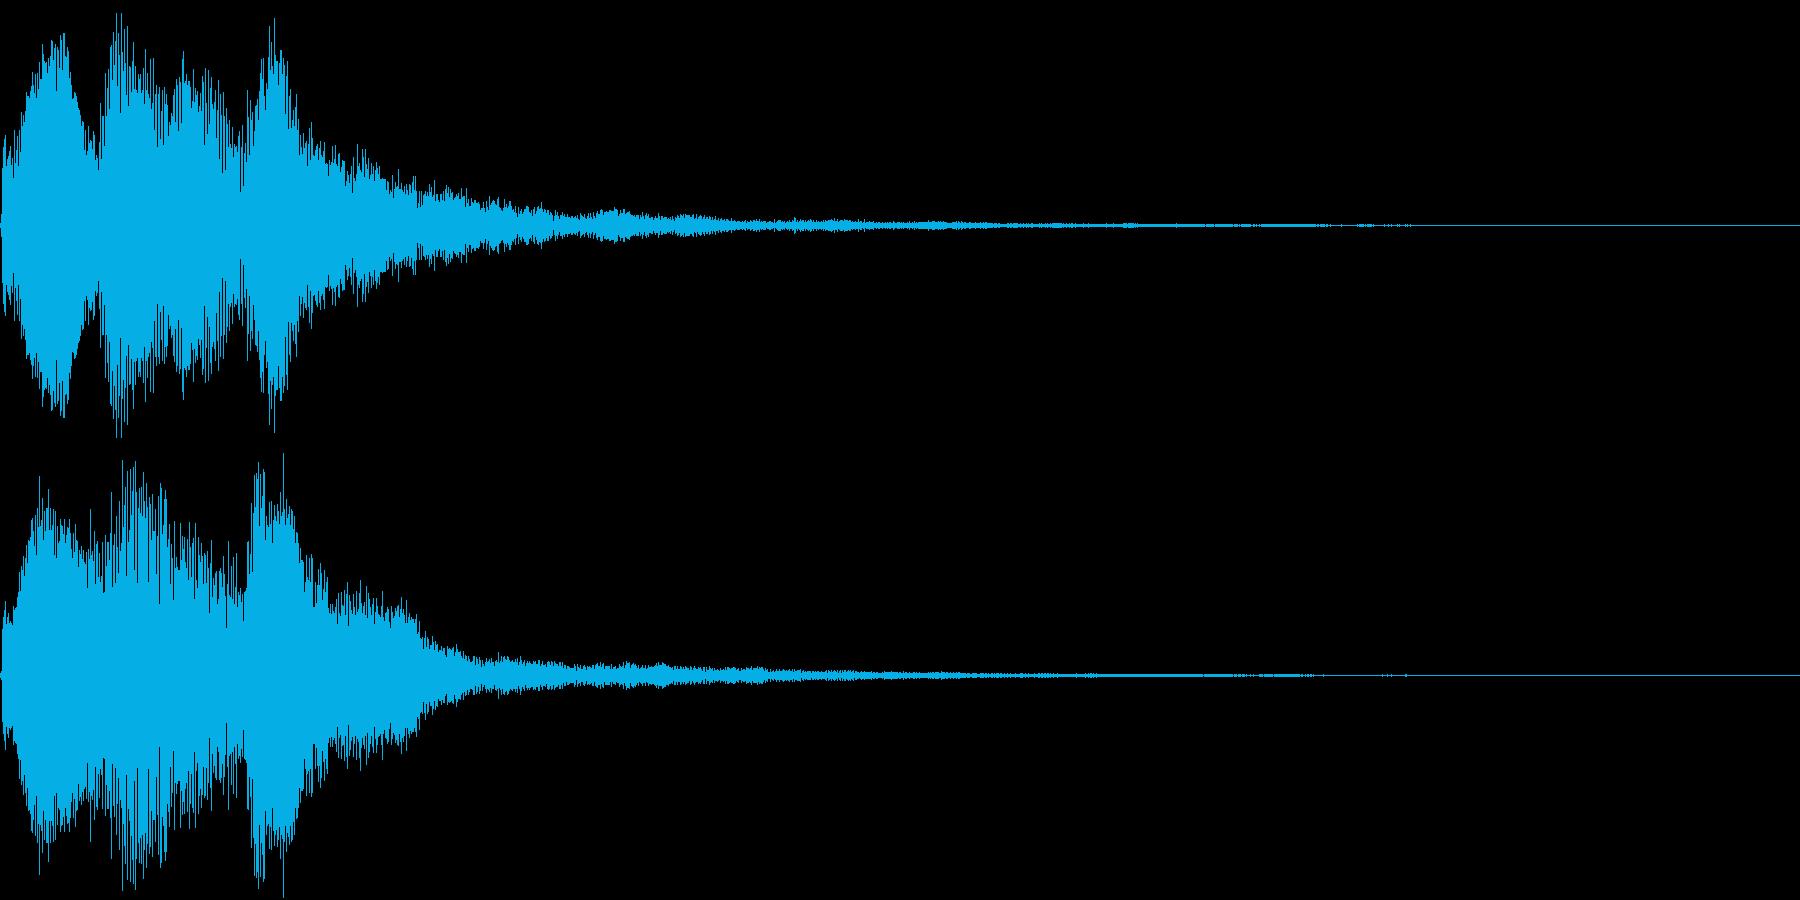 お知らせ  アナウンス  チャイム ベルの再生済みの波形